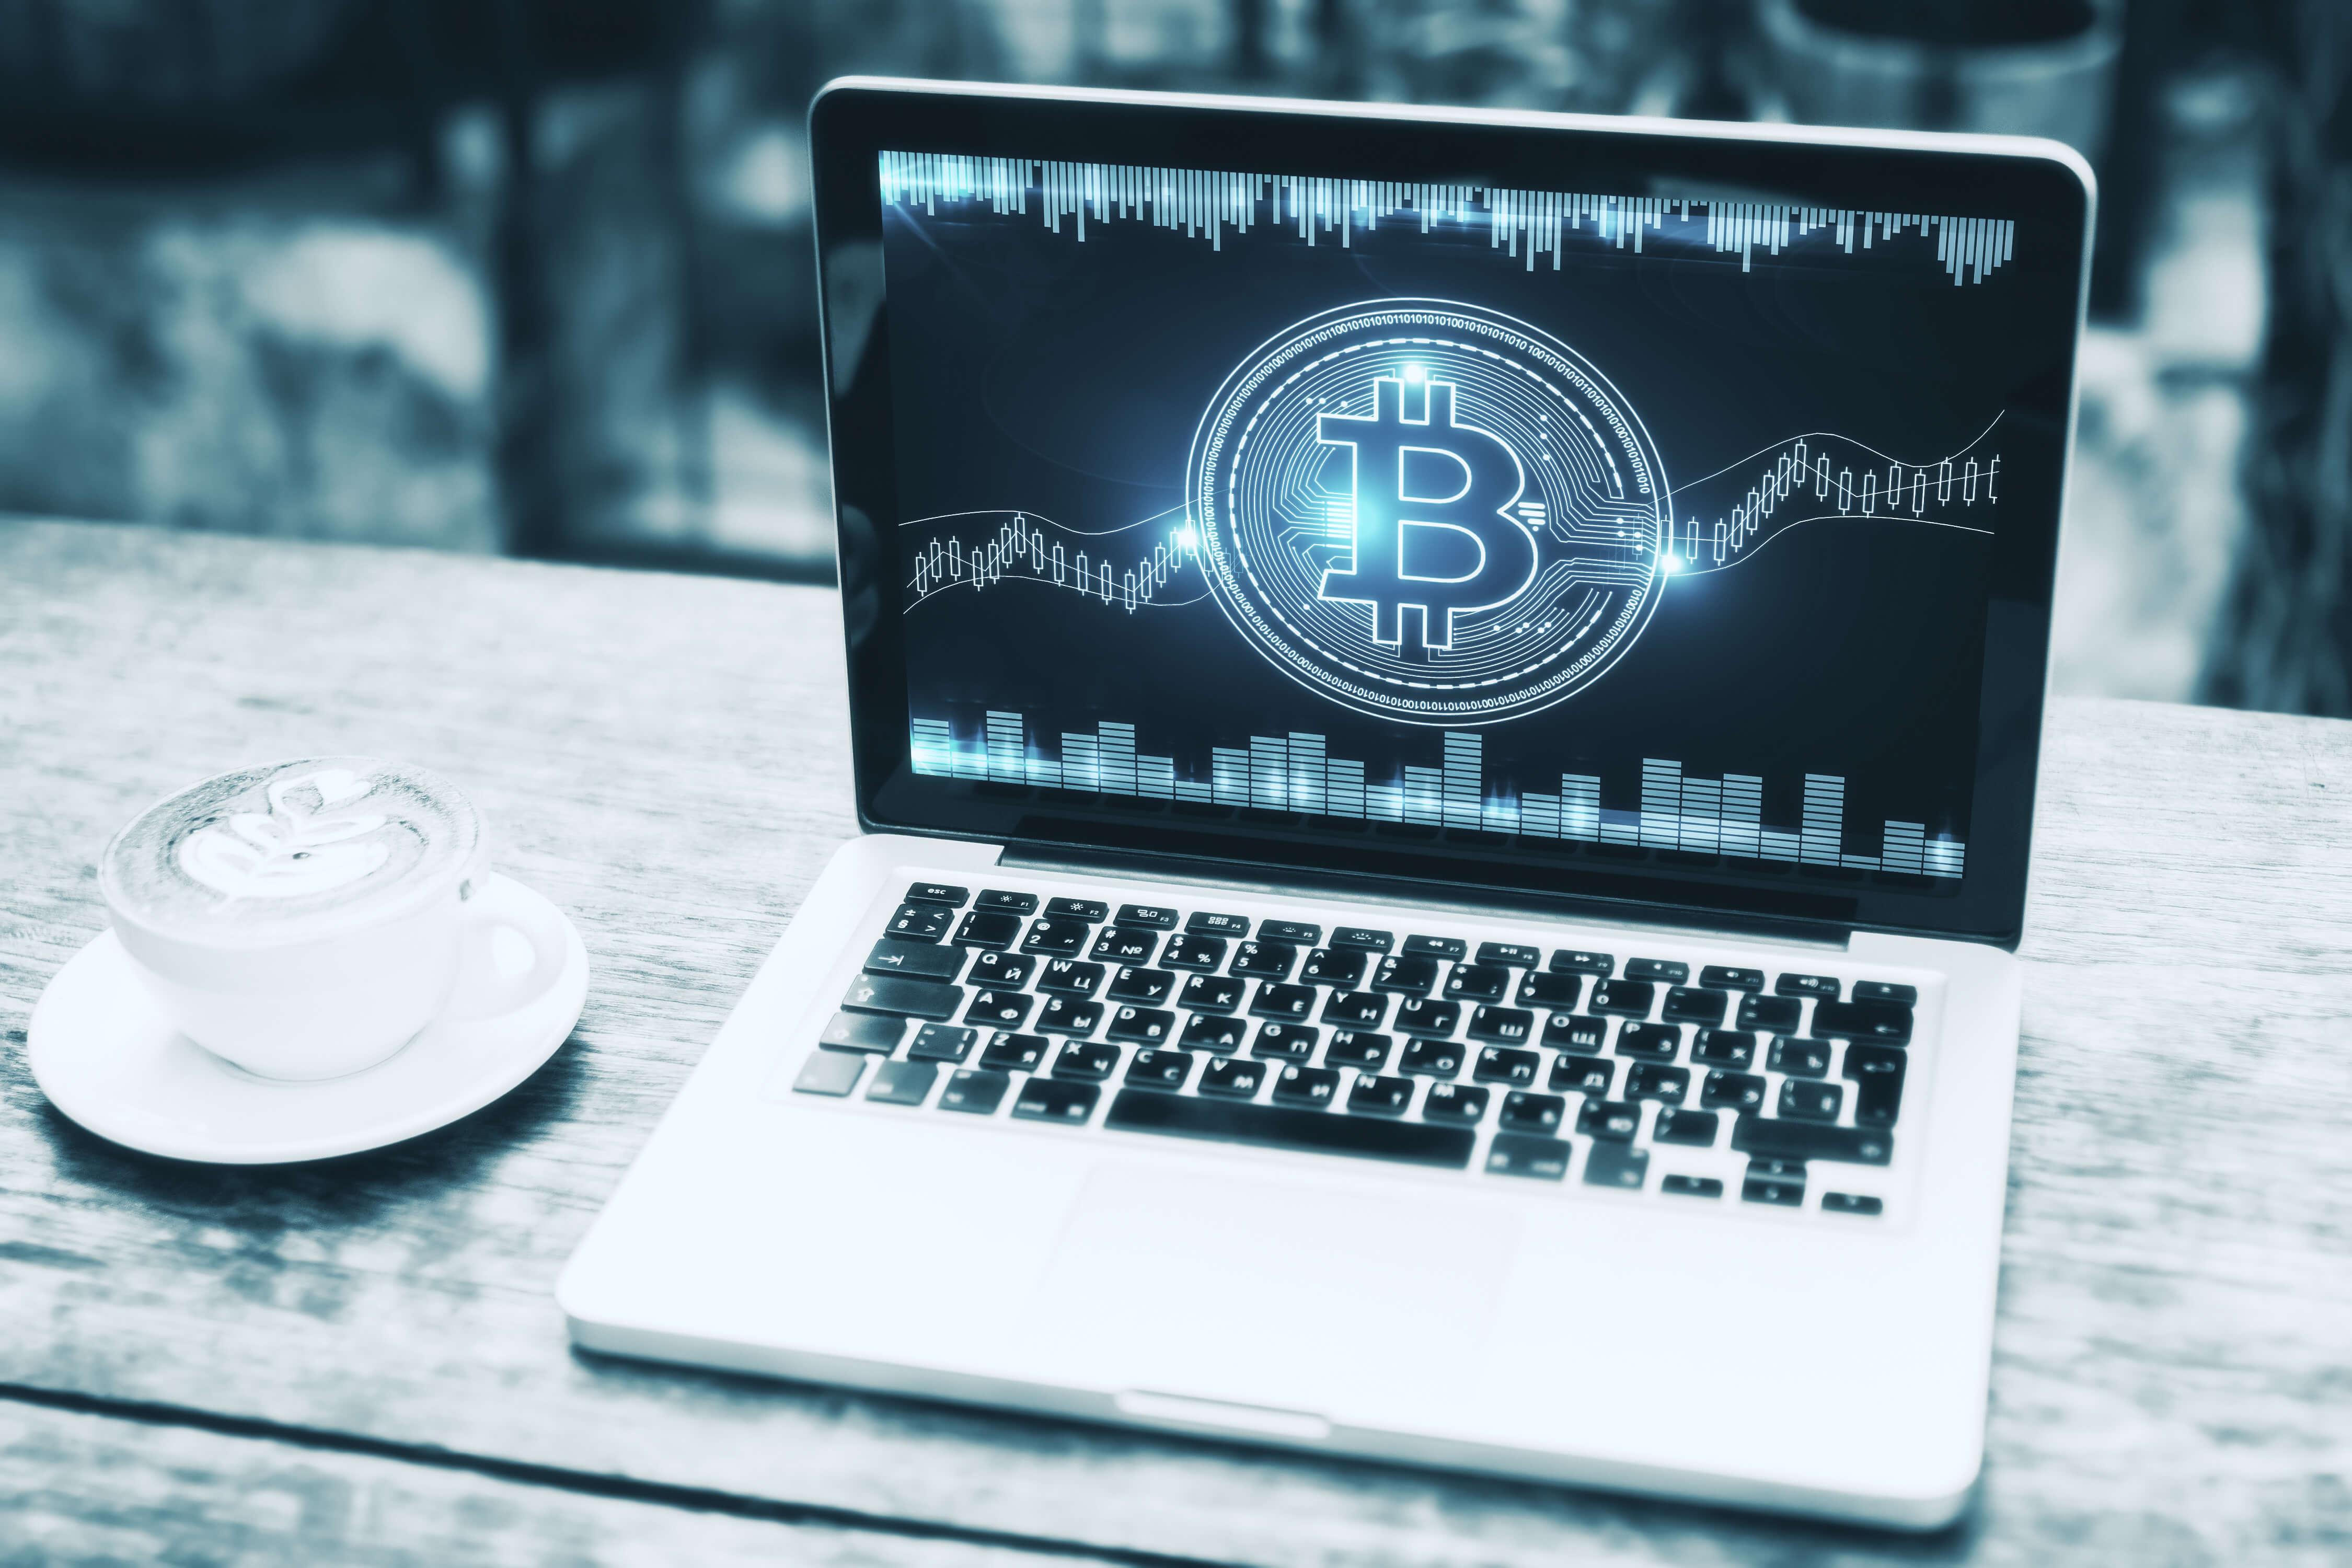 ビットコイン(Bitcoin/BTC)の取引方法は?現物取引とレバレッジ取引の違い